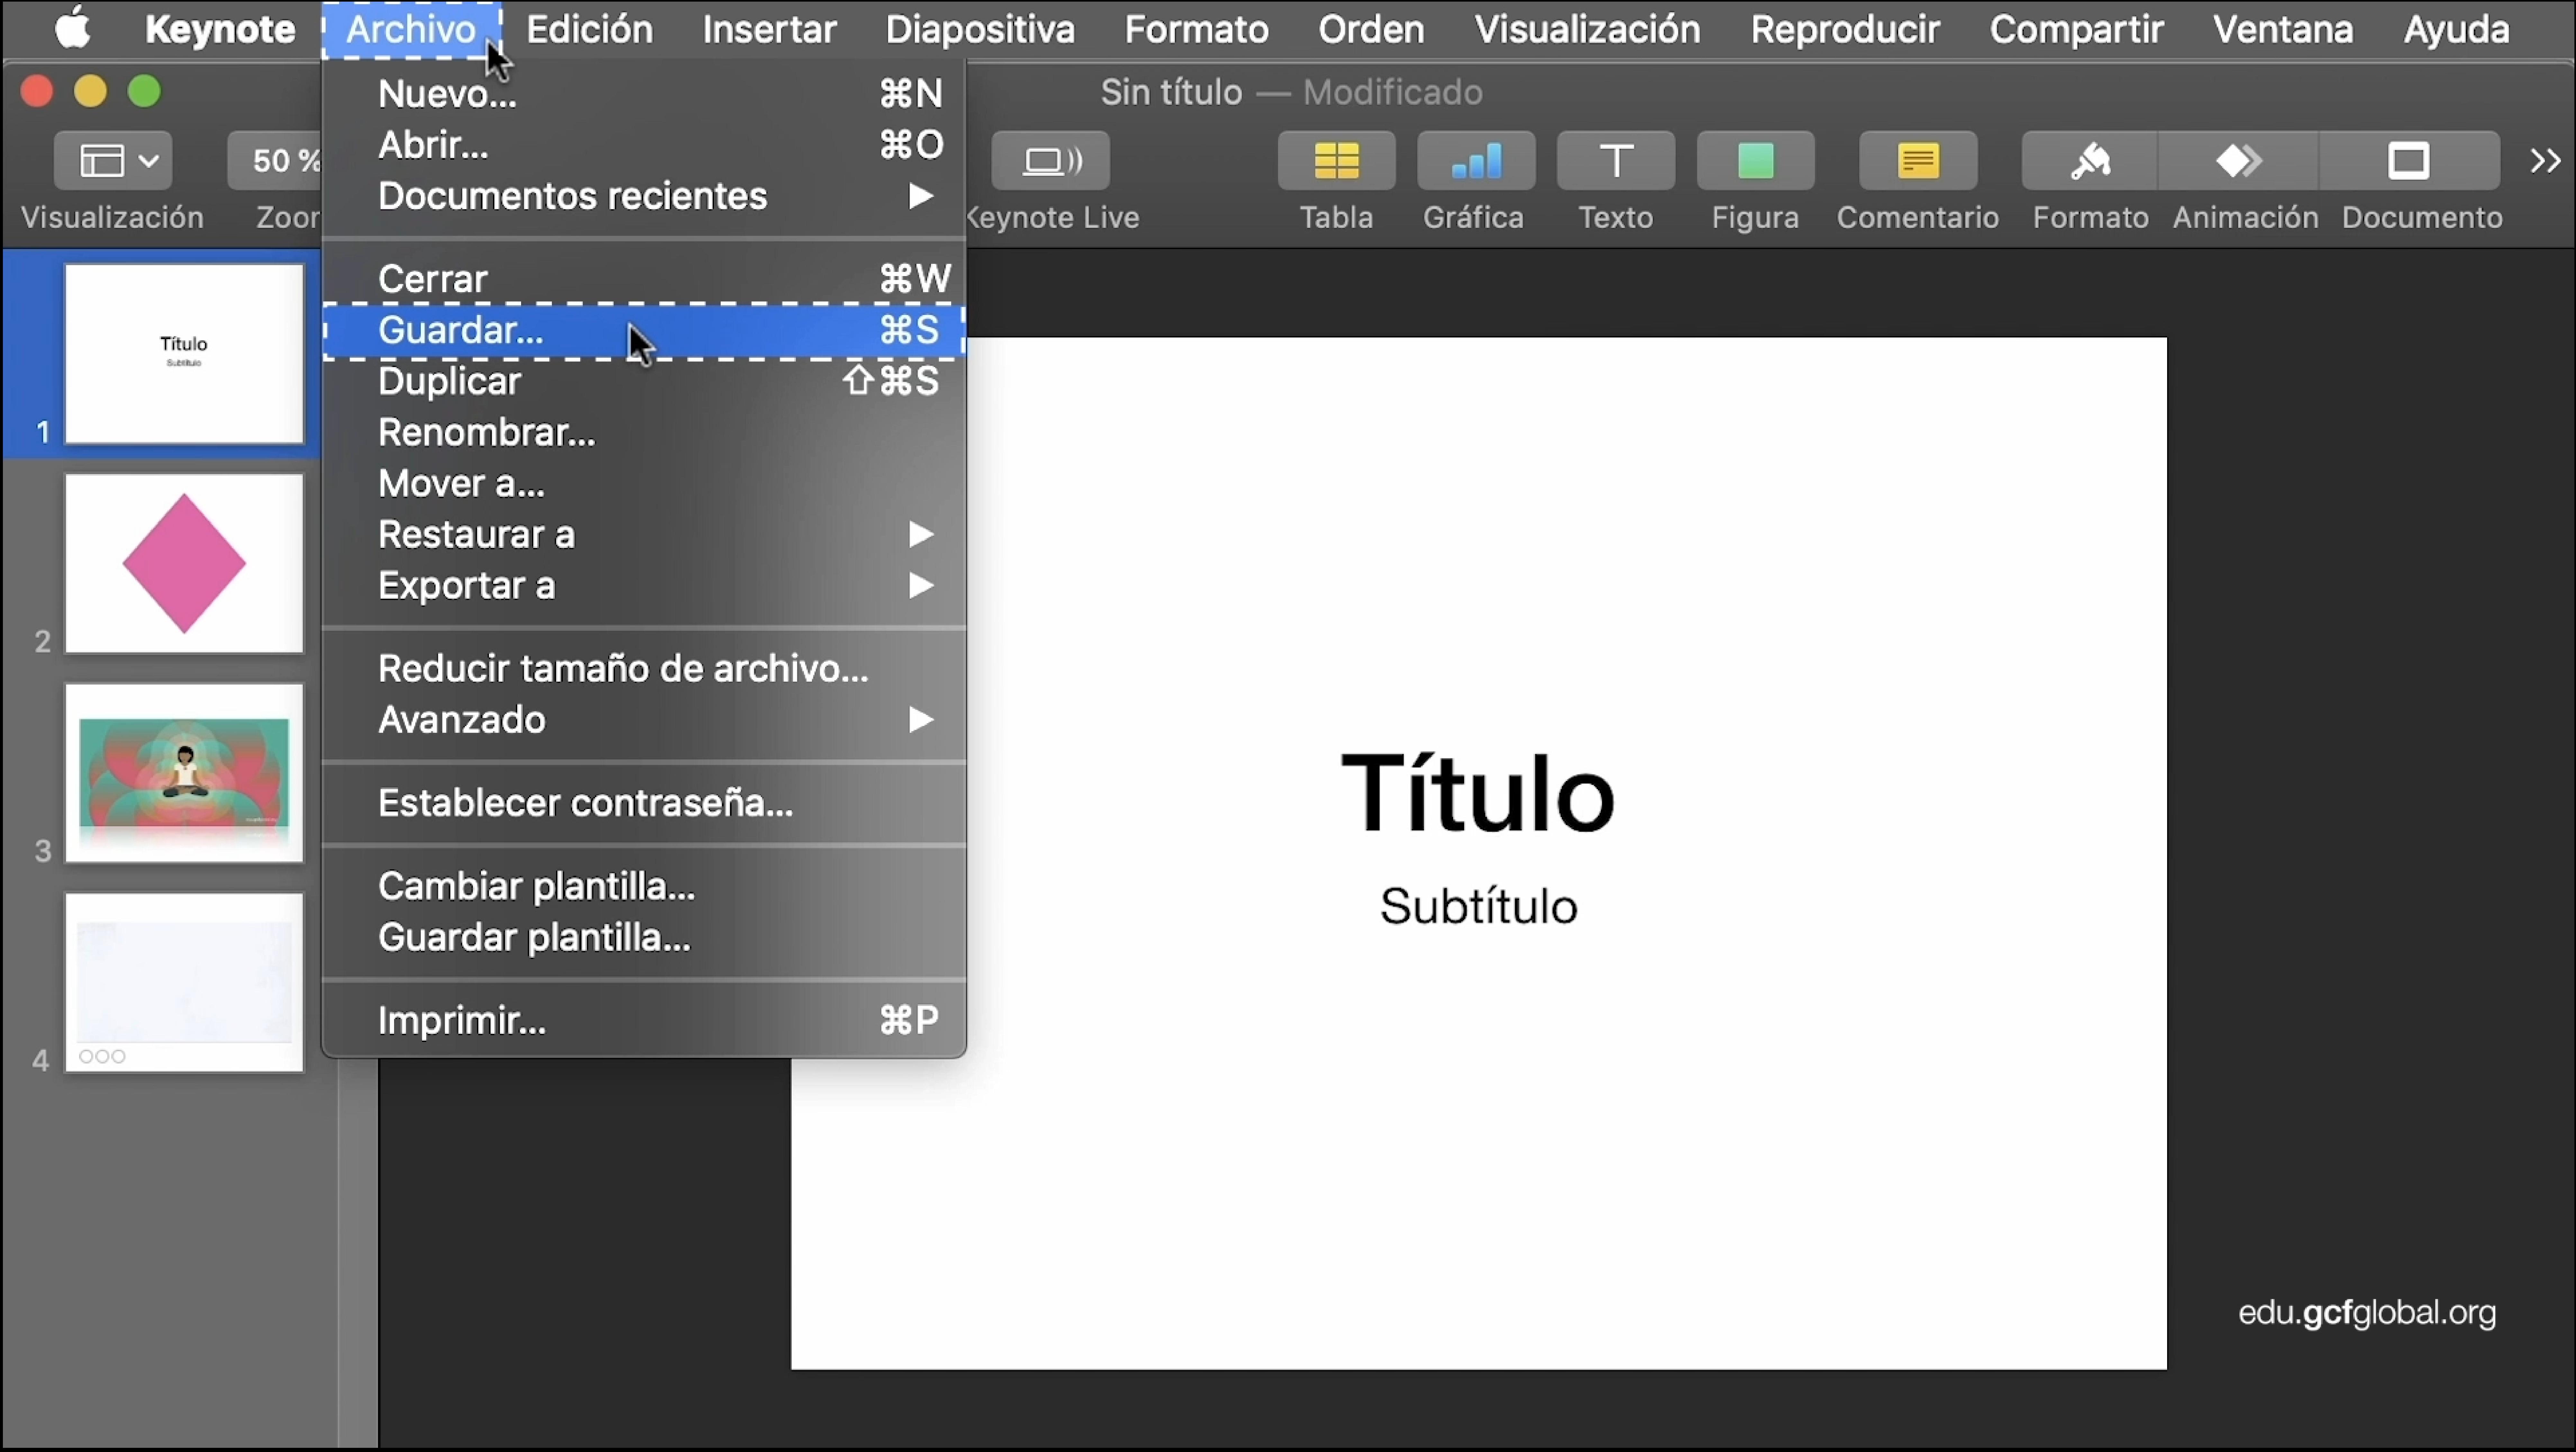 Imagen de Keynote descargando la presentación en formato macOS.